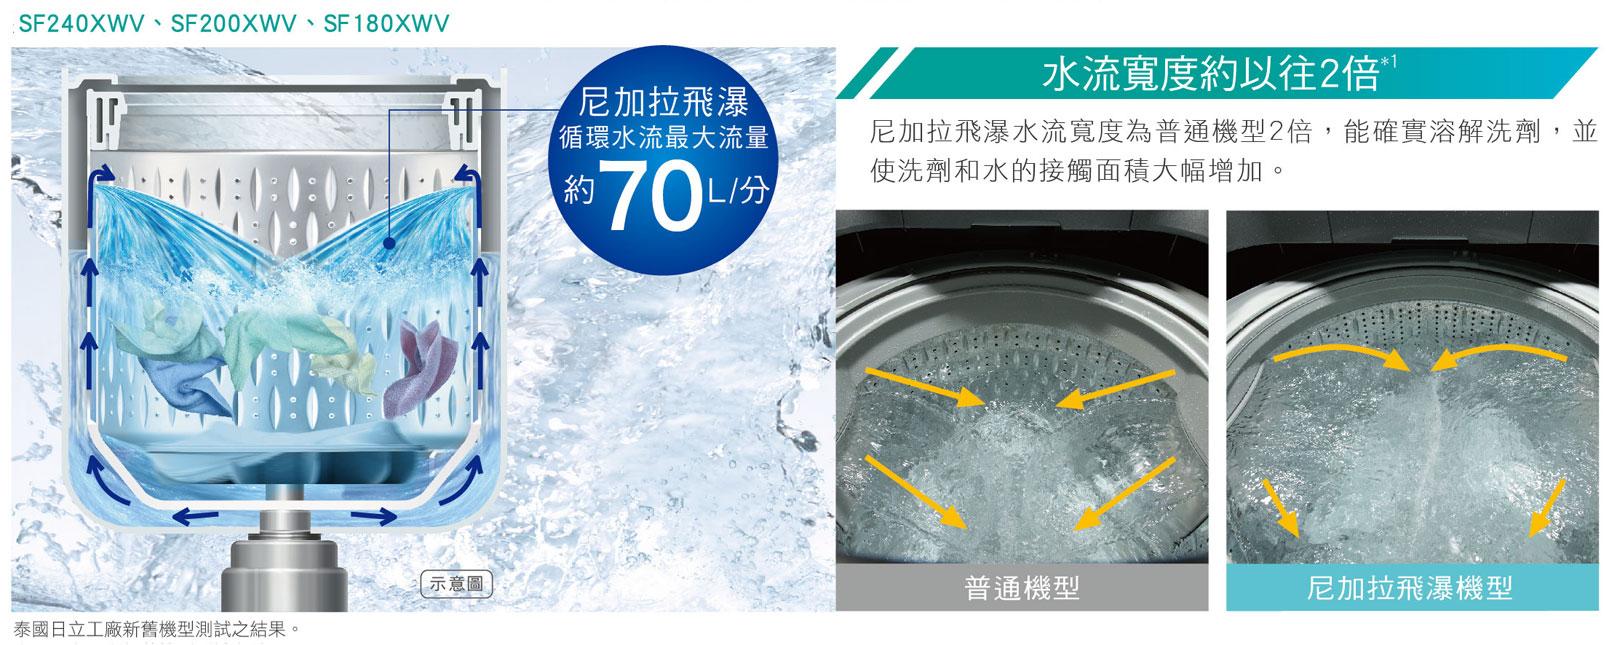 日本最新技術 尼加拉飛瀑洗淨